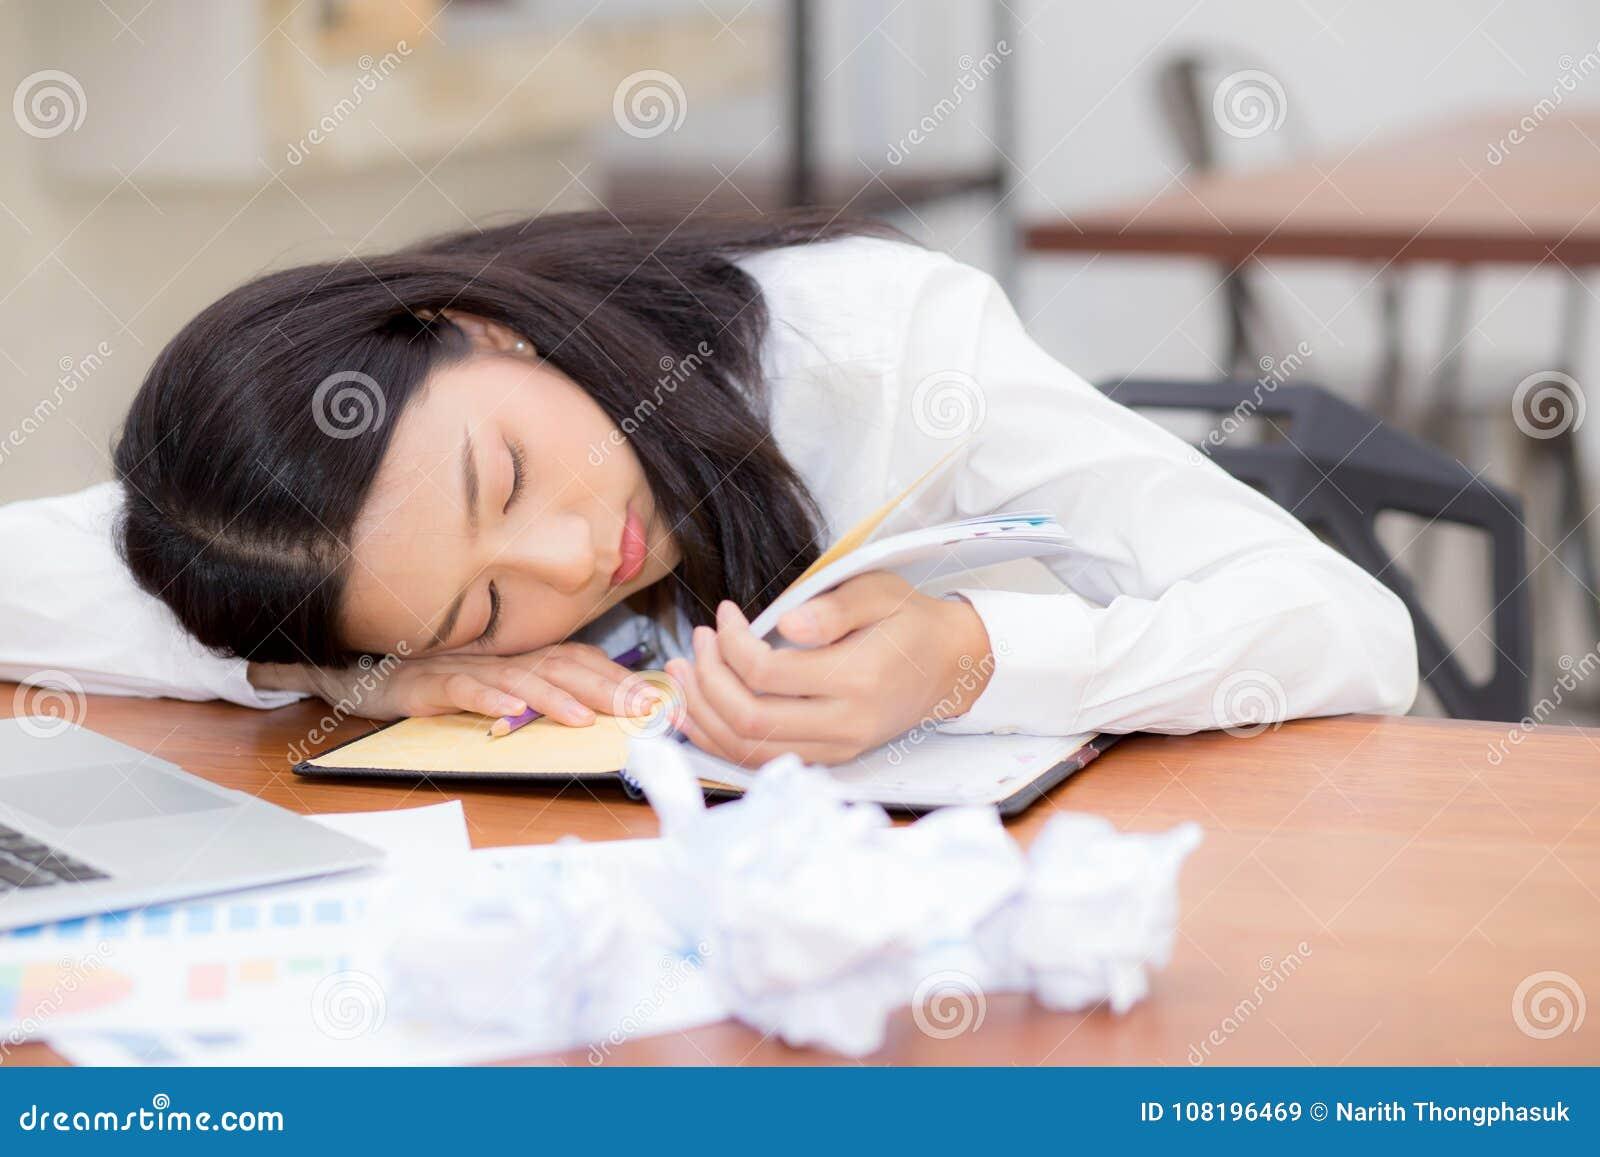 Сон девушка с работы спокойные работы для девушки